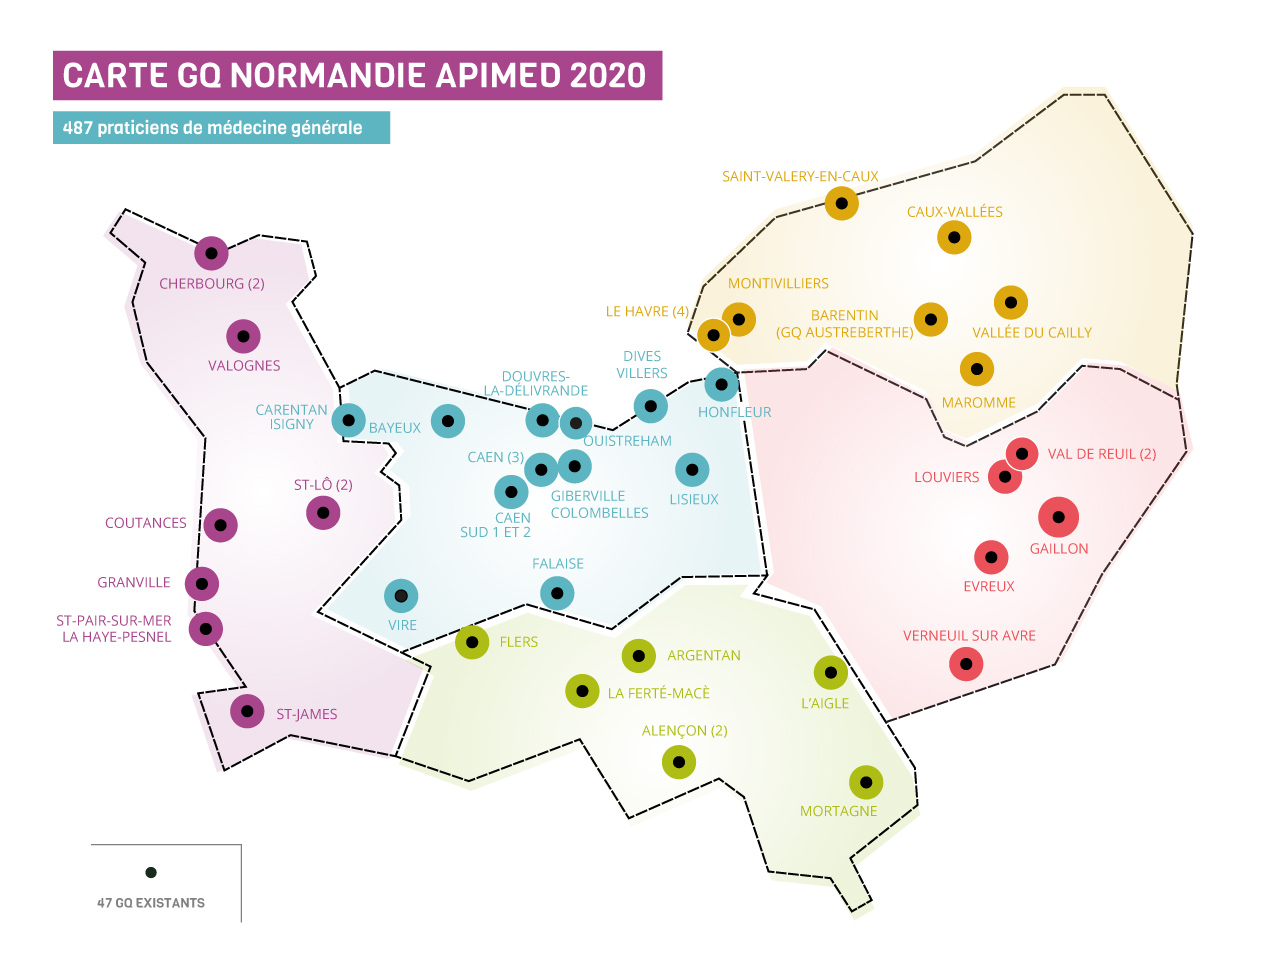 urml carte GQ Normandie 2020 03 - Les Groupes Qualité normandie en image